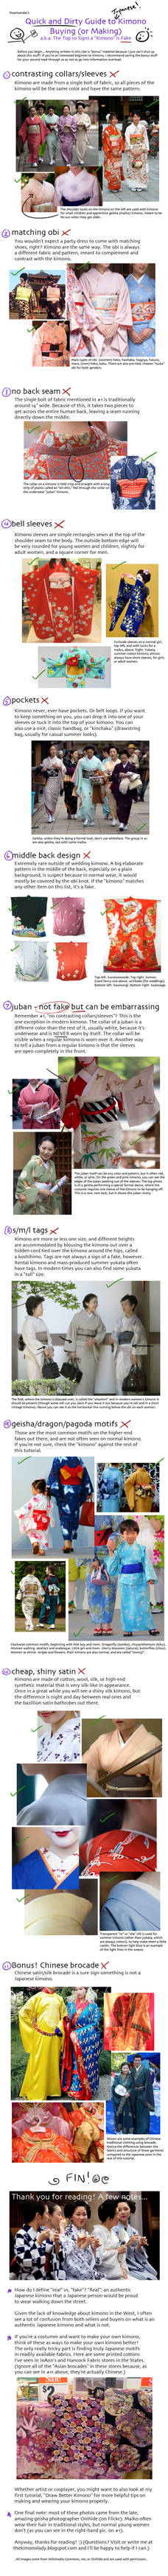 Tutorial: Real or Fake Kimono?